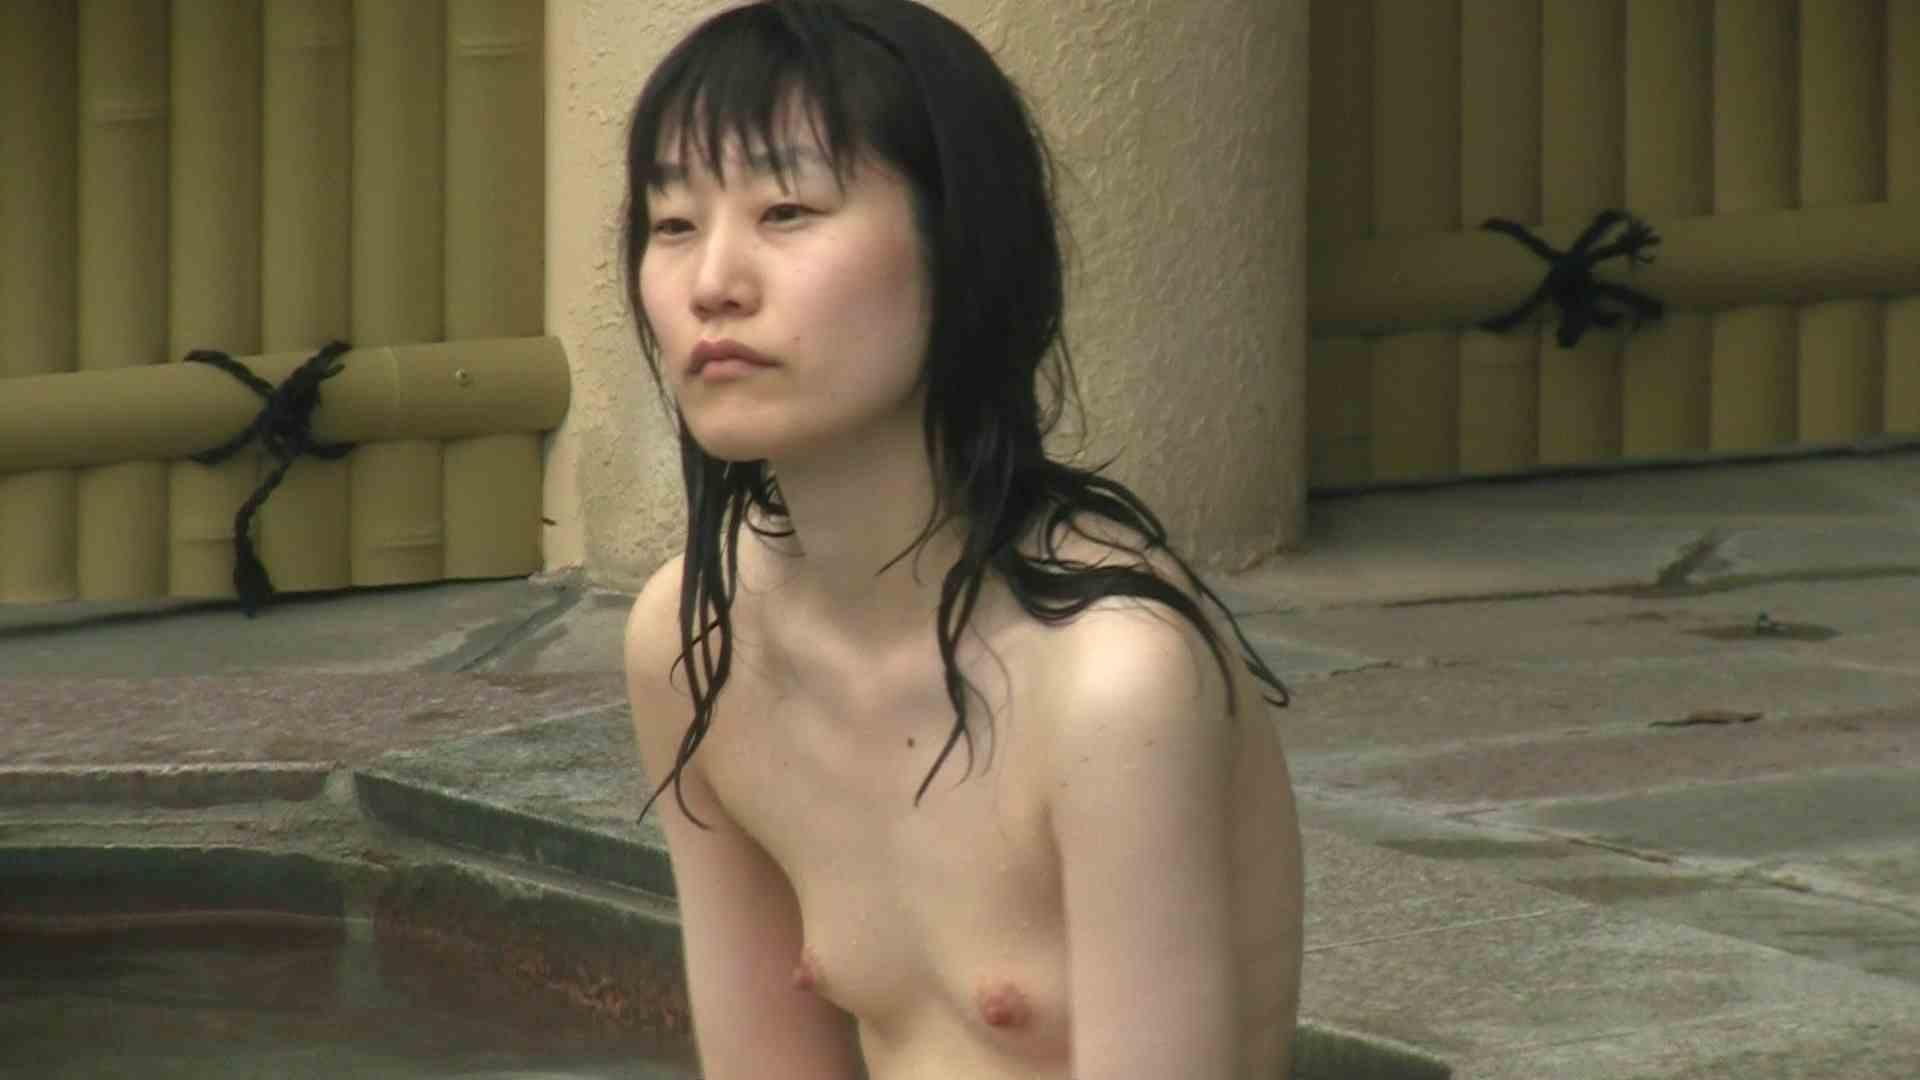 Aquaな露天風呂Vol.14【VIP】 盗撮シリーズ  94PIX 6